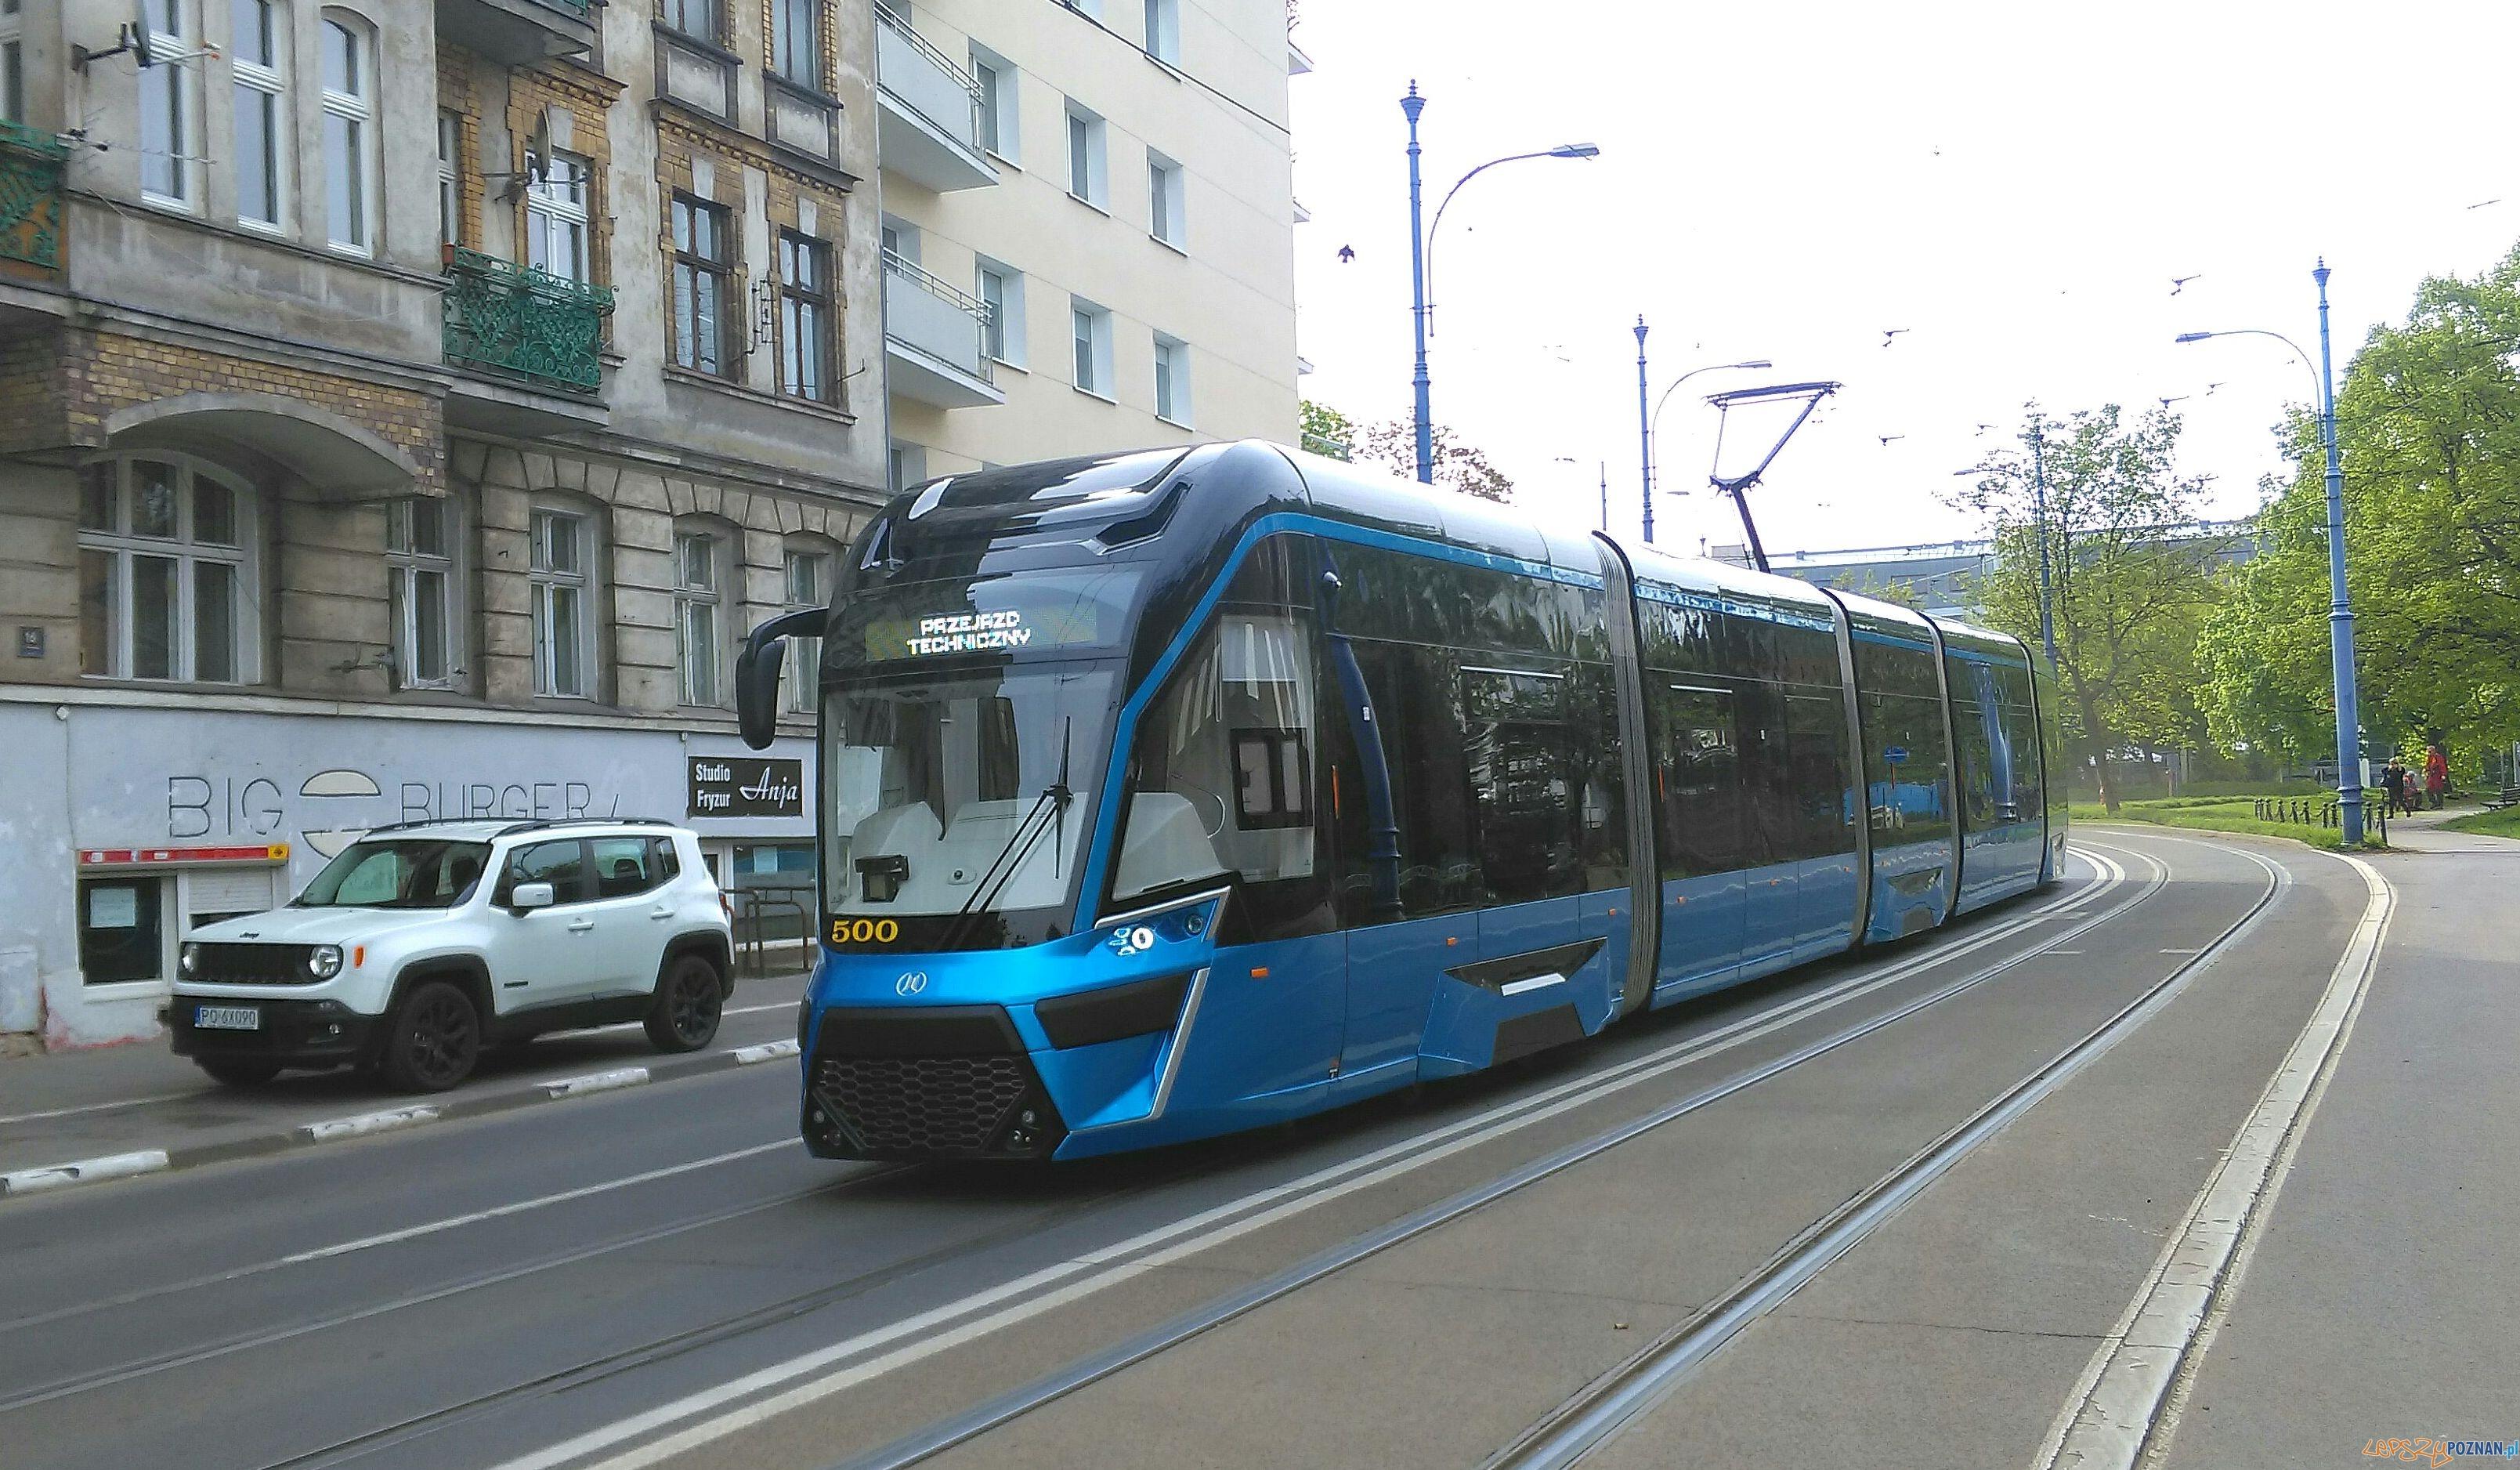 Nowy Tramwaj - Moderus Gamma  Foto: Tomasz Dworek